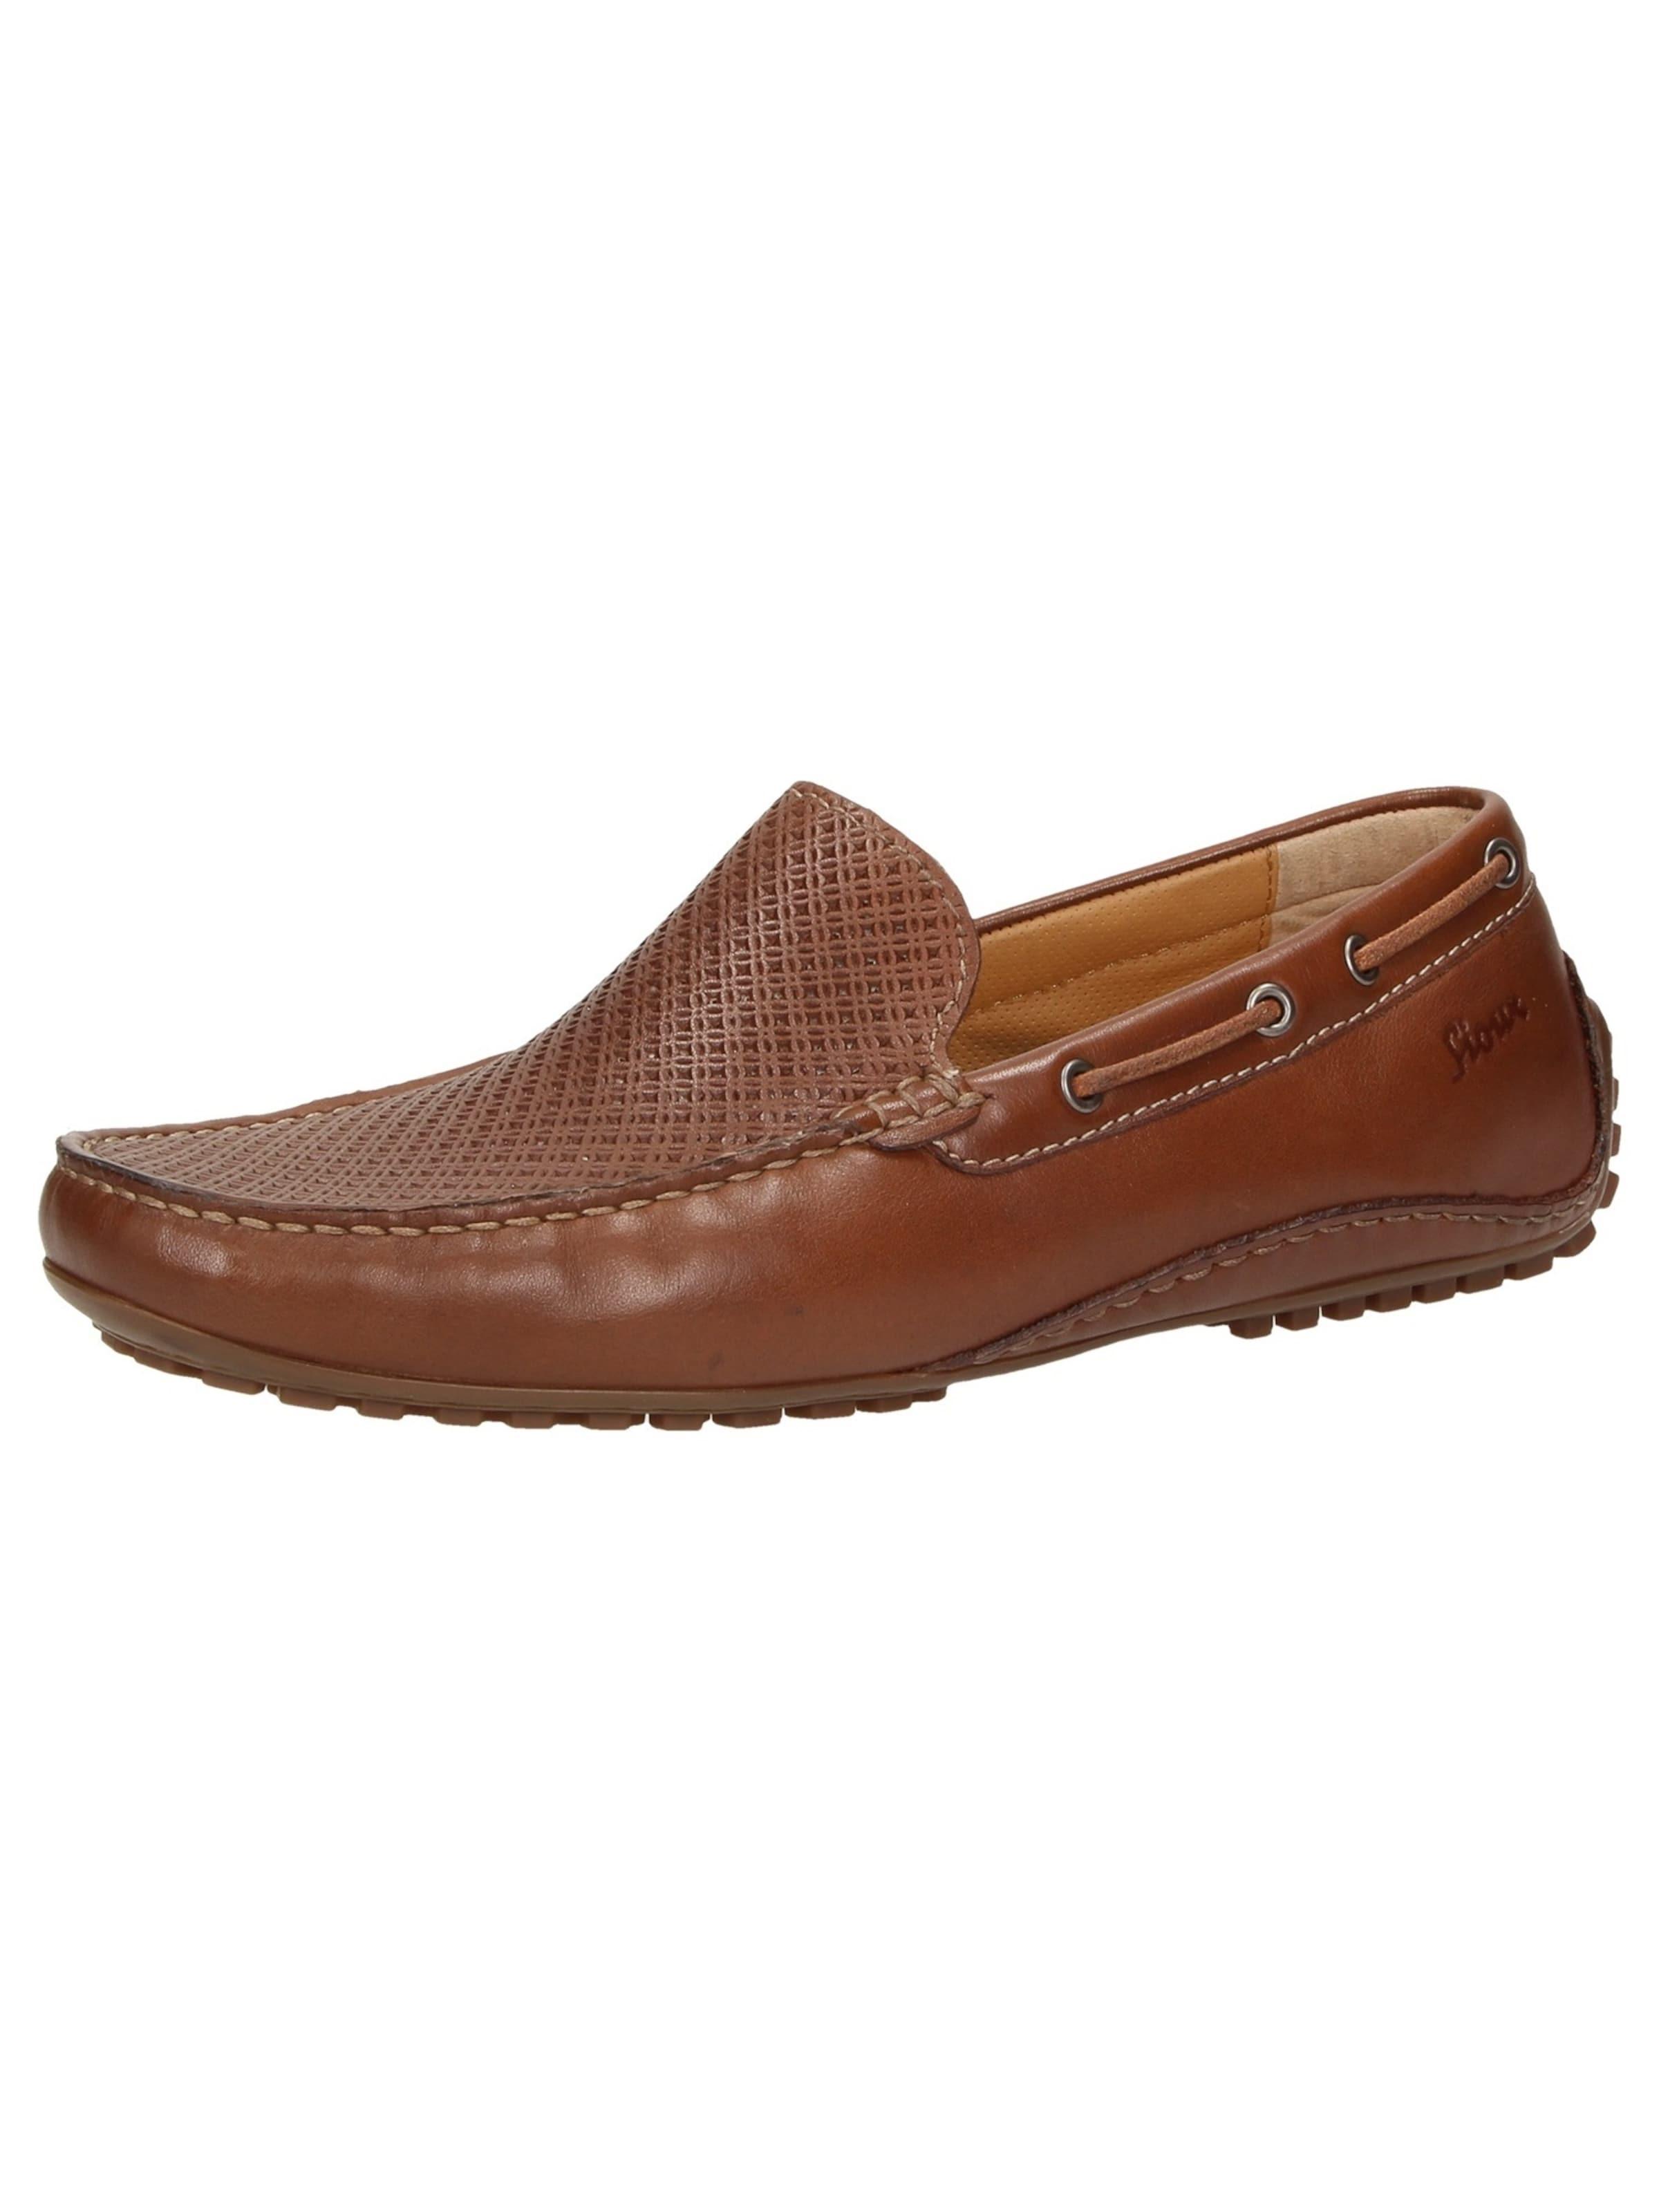 SIOUX Slipper Carulio-700 Verschleißfeste billige Schuhe